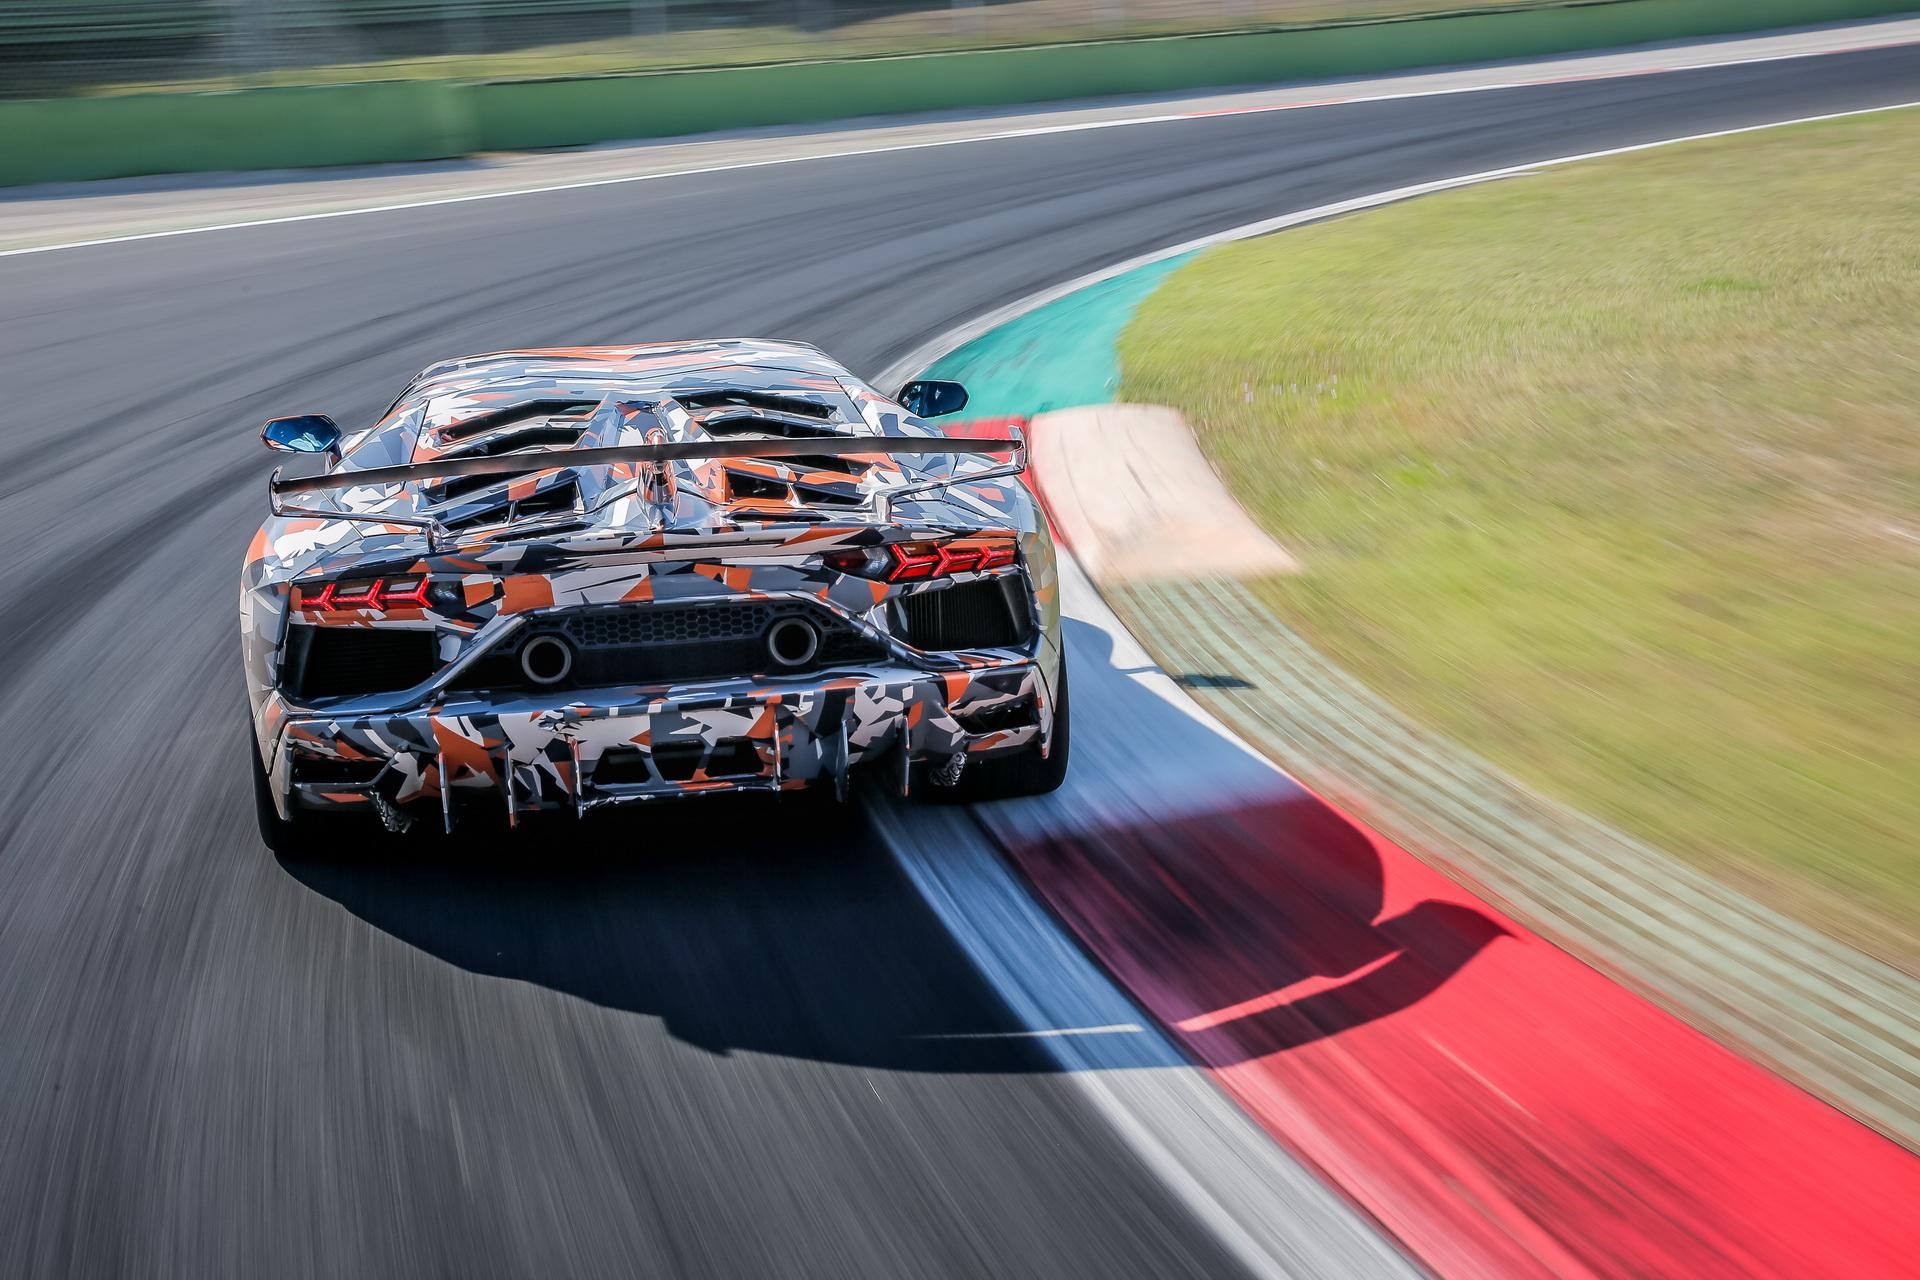 Lamborghini_Aventador_SVJ_0009